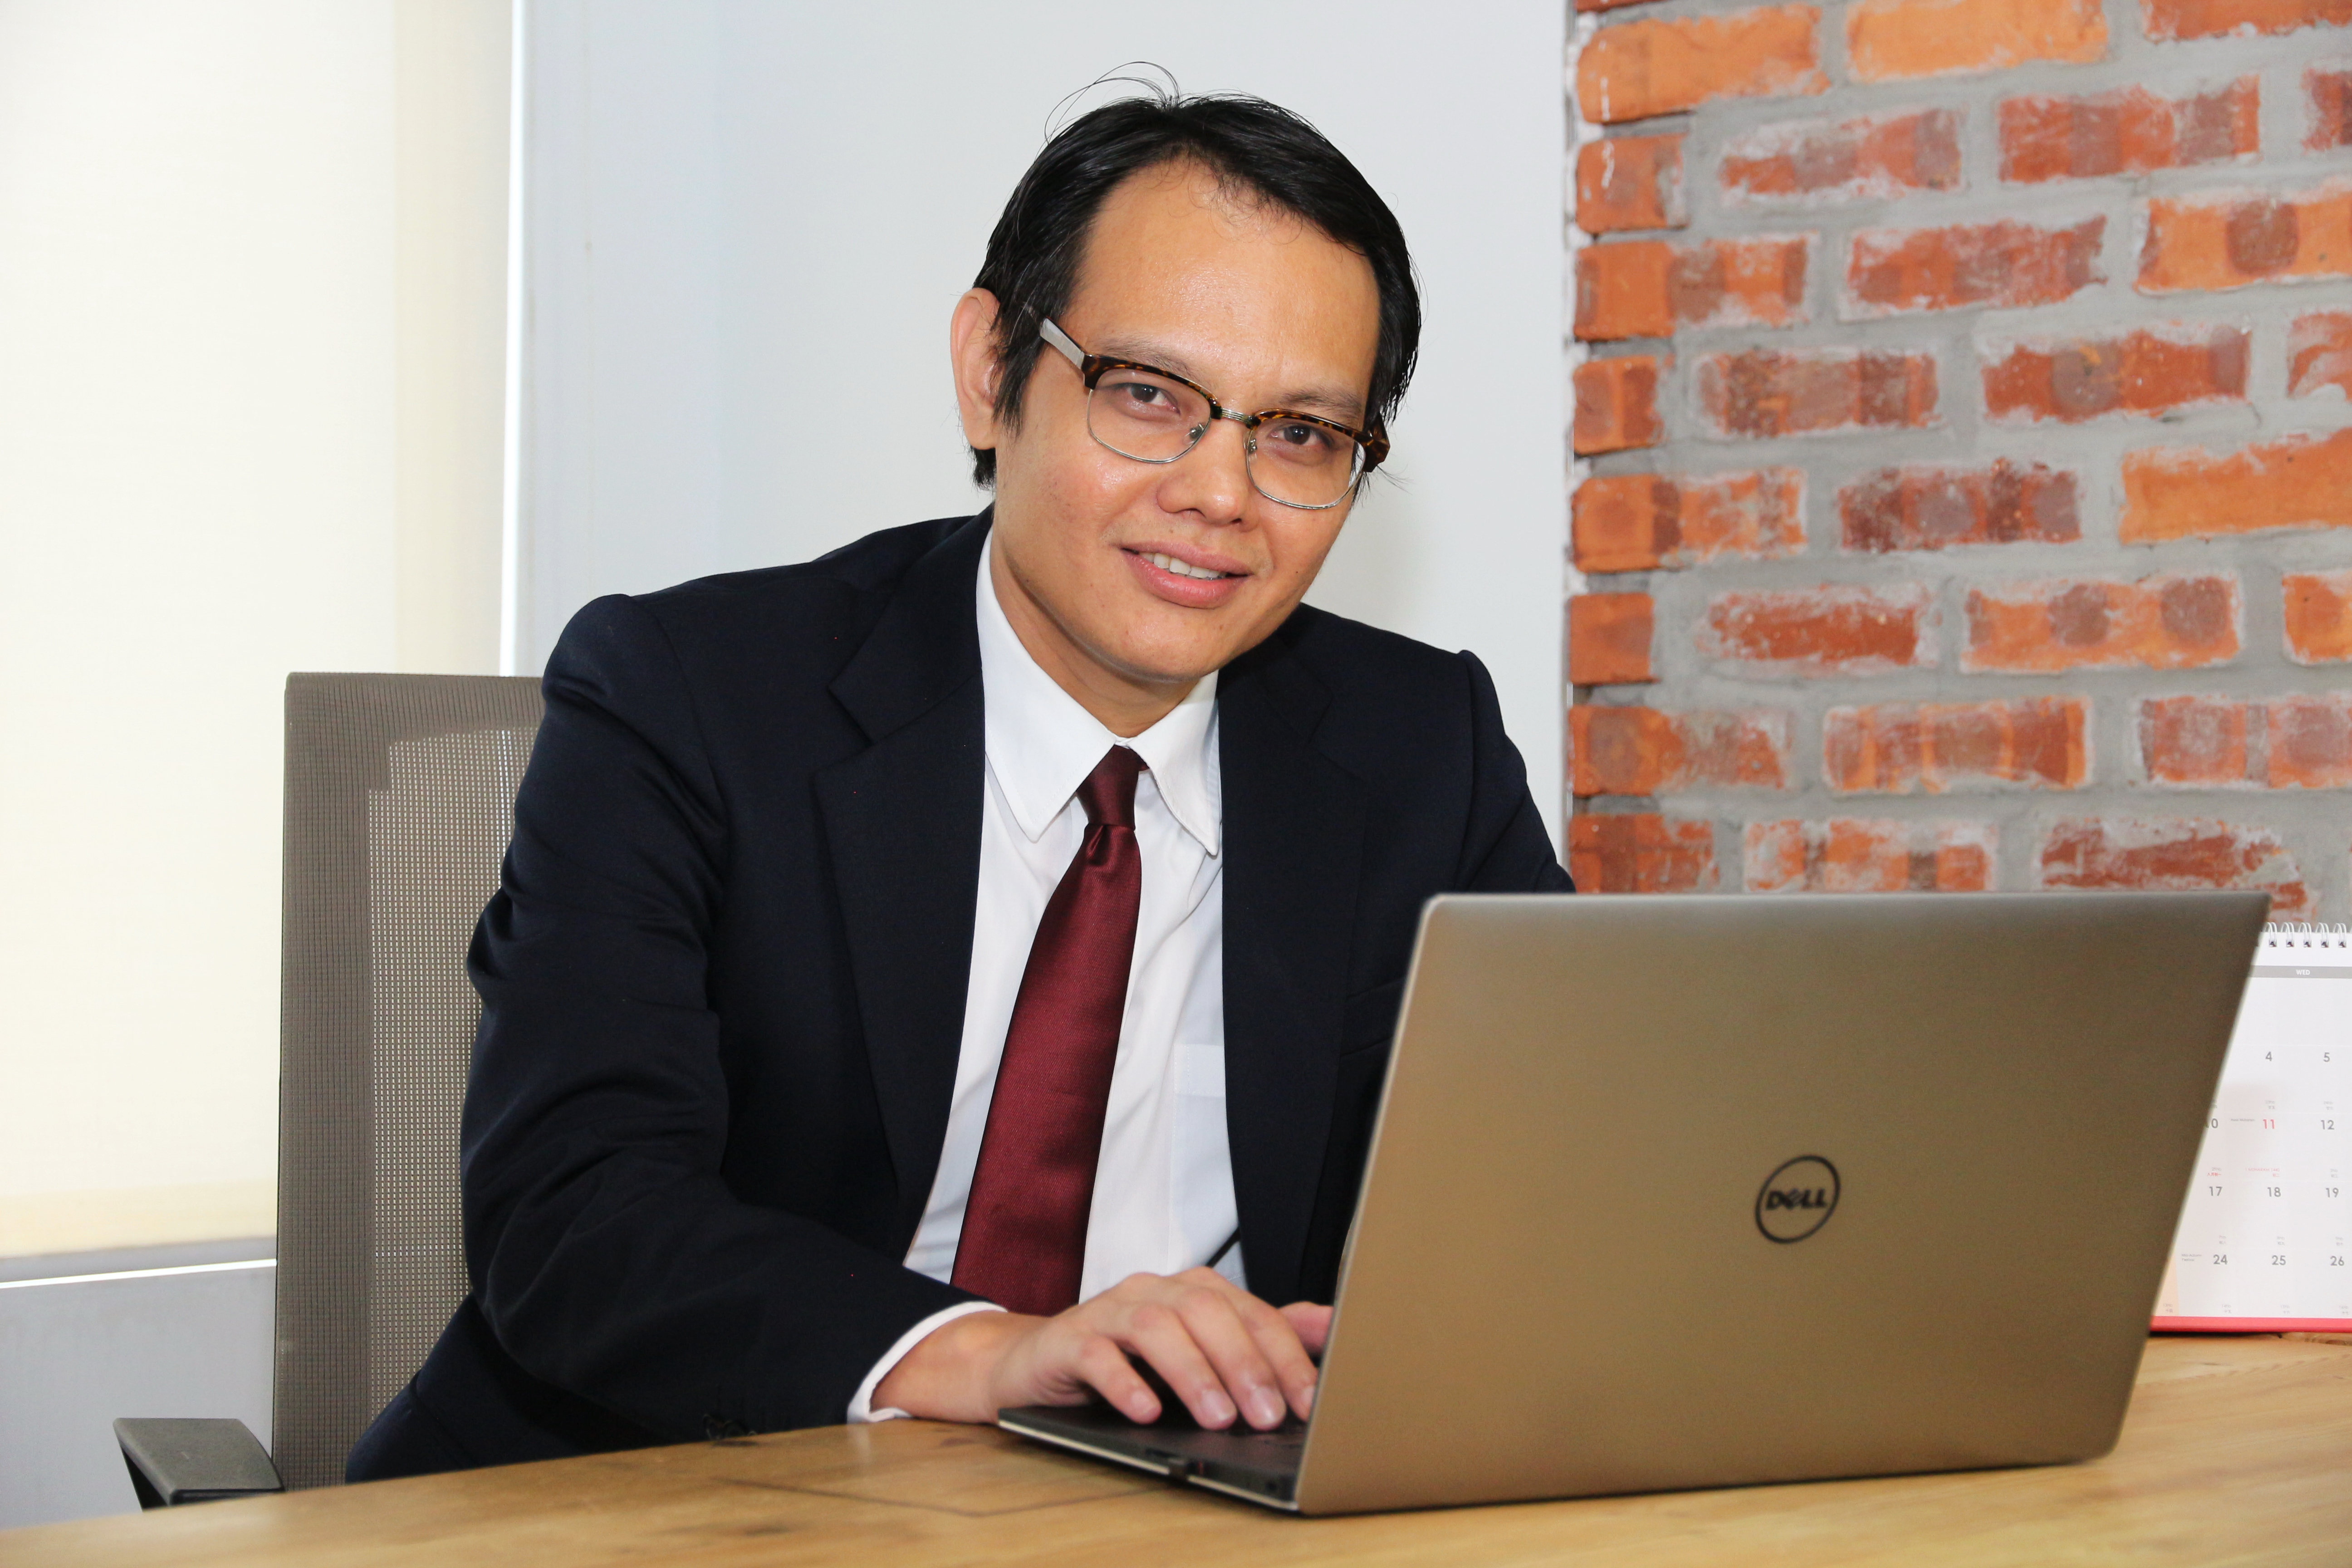 Muhamad Hafiz Bin Che Yusof